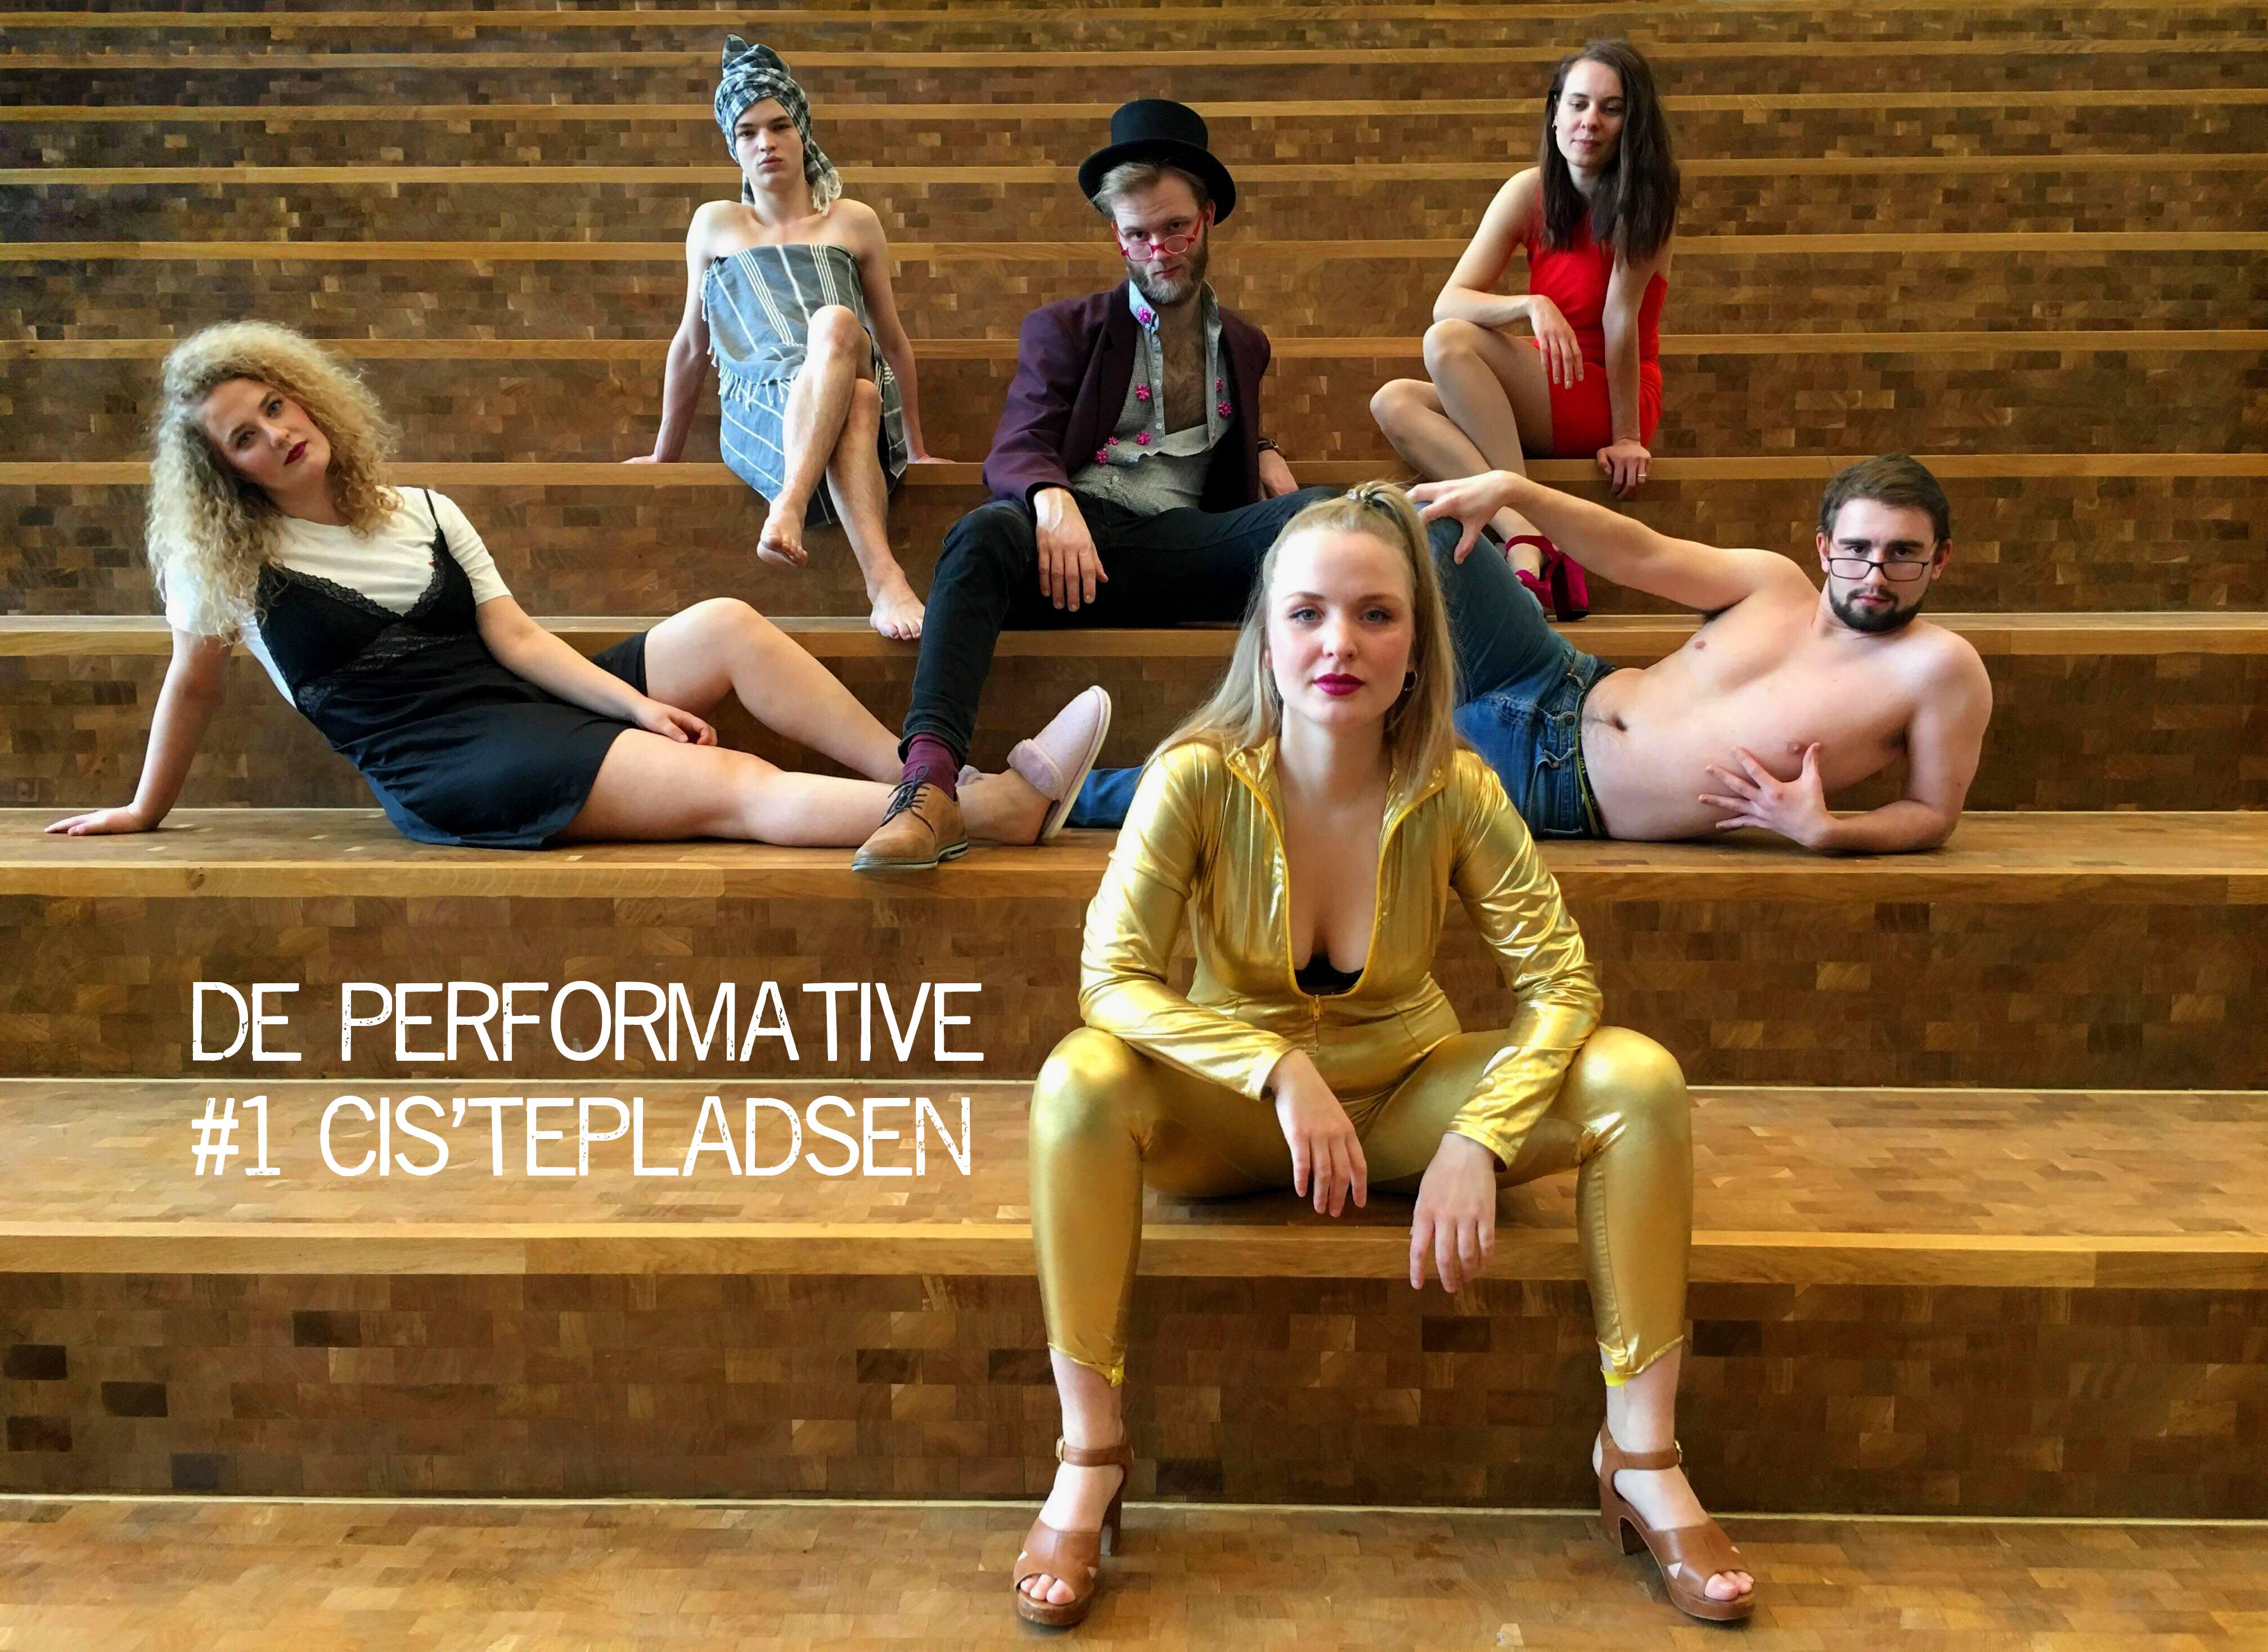 De Performative